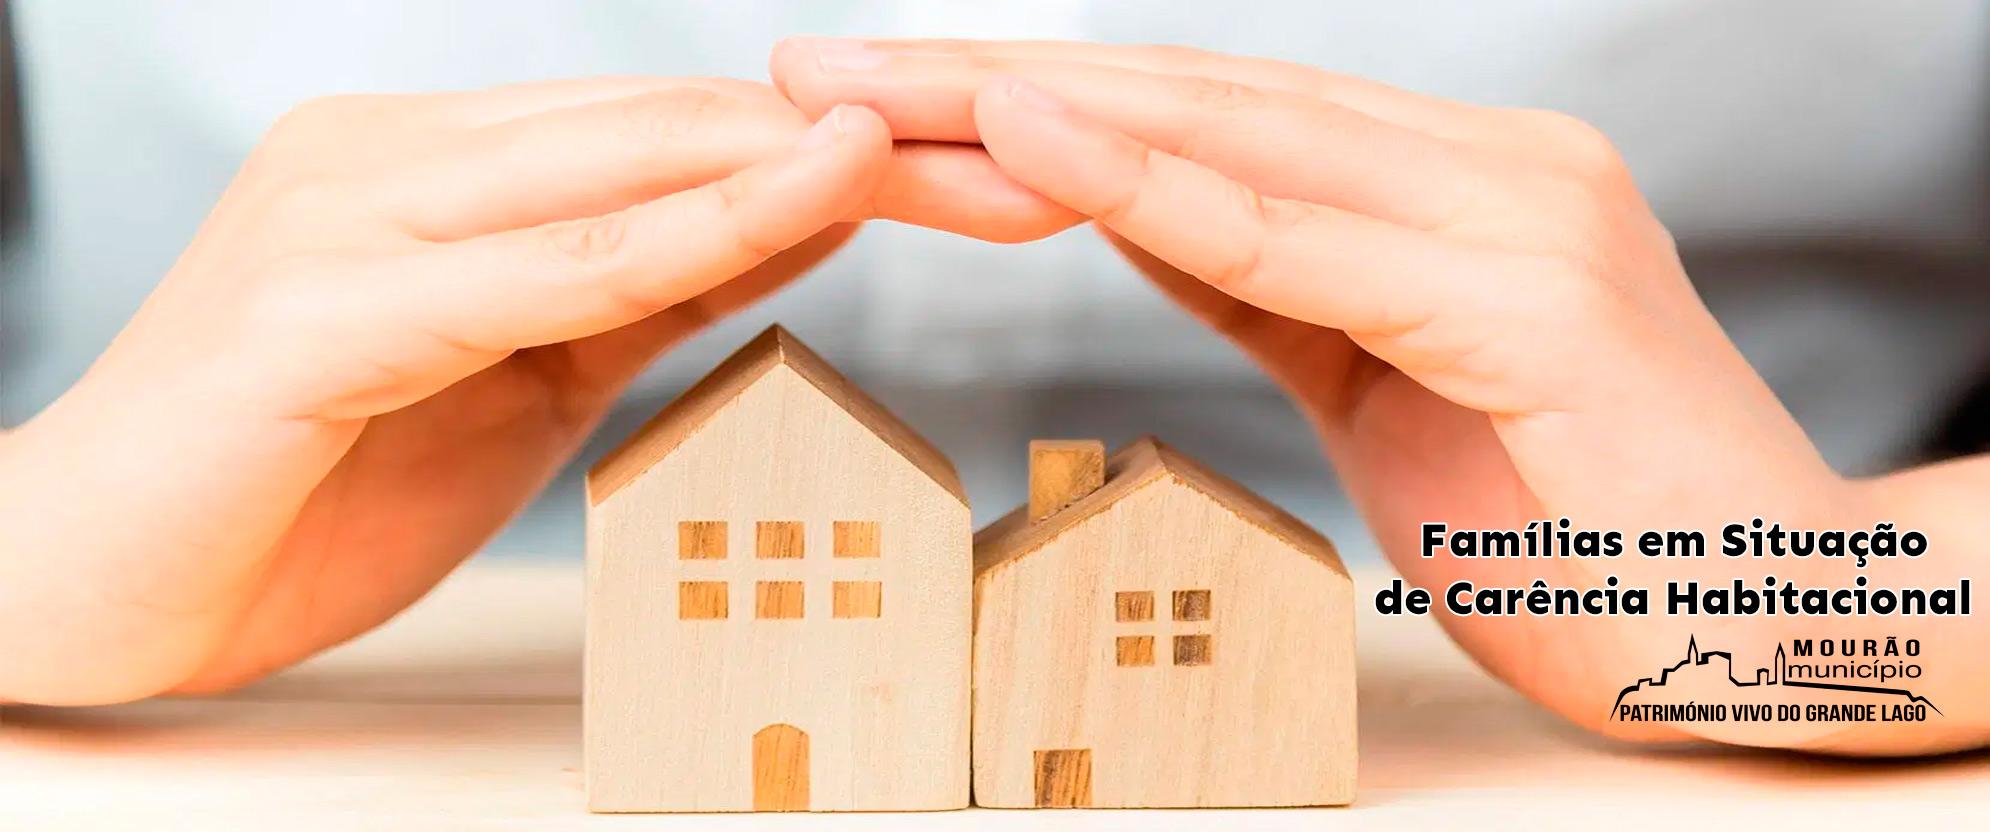 Famílias em Situação de Carência Habitacional